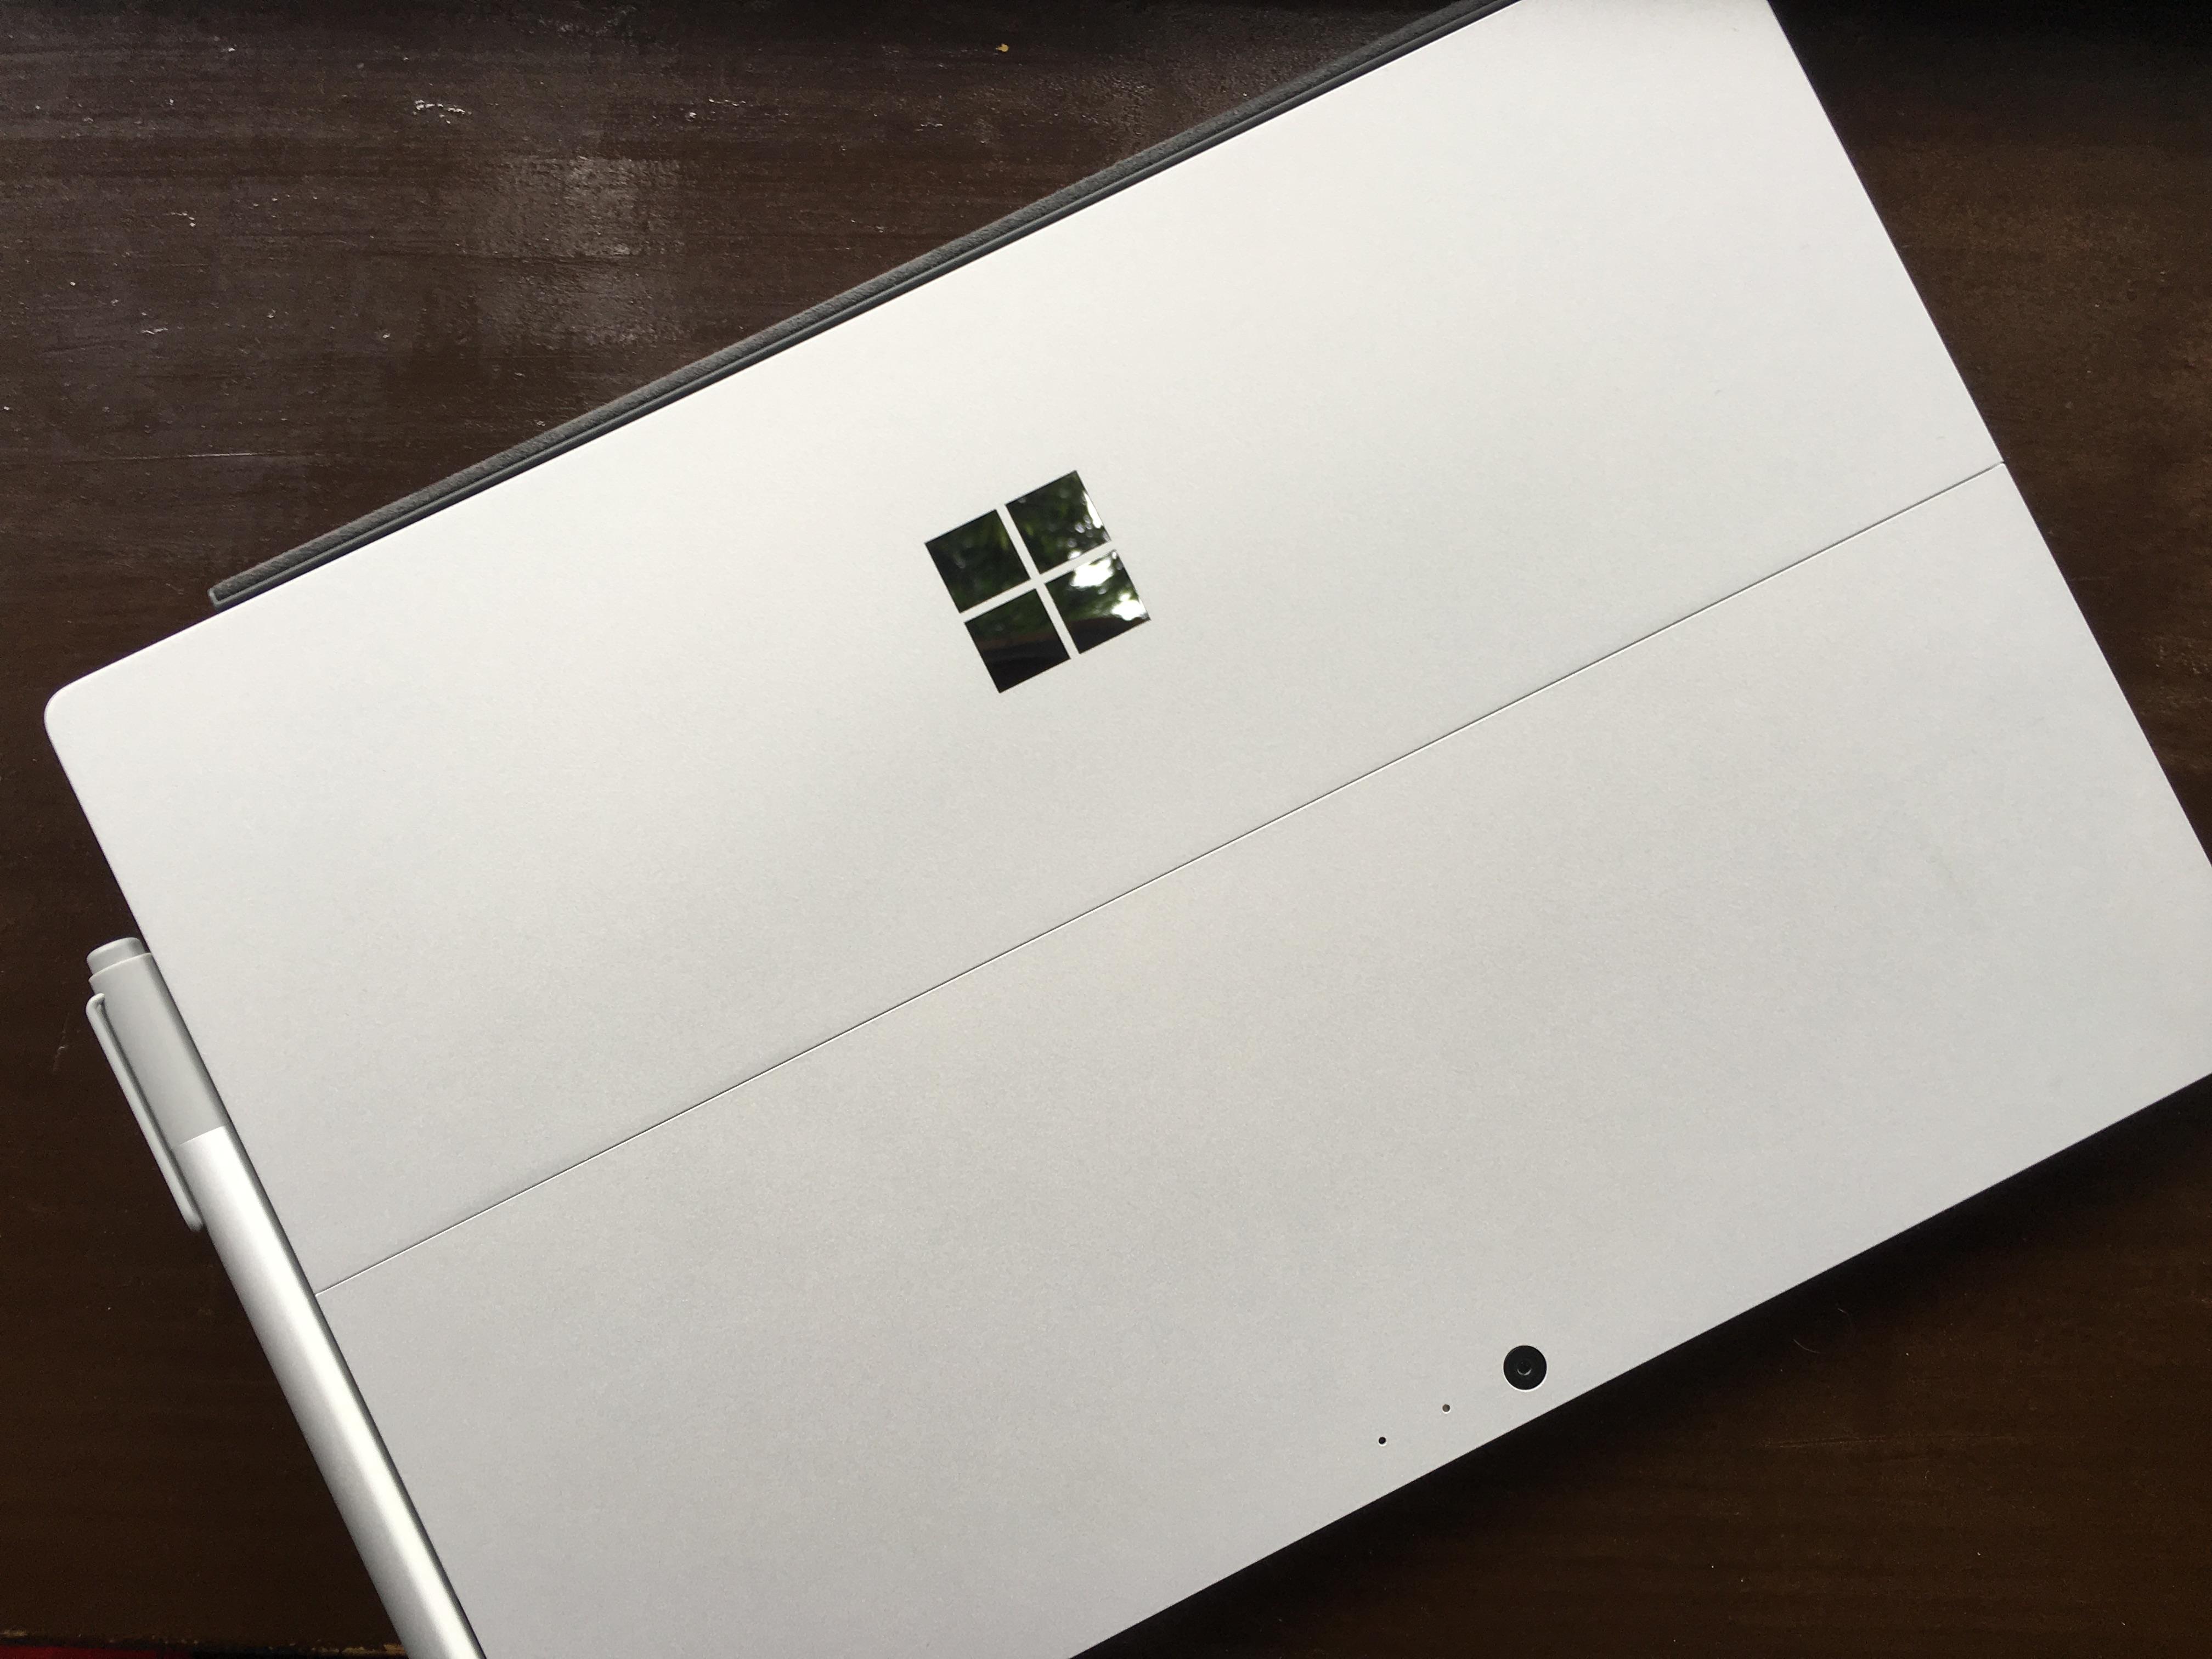 Nå kan du oppgradere Surface Pro 4 - er du så heldig å eie en Surface Book (som ikke kan handles offisielt i Norge enda), kan du oppdatere den også.